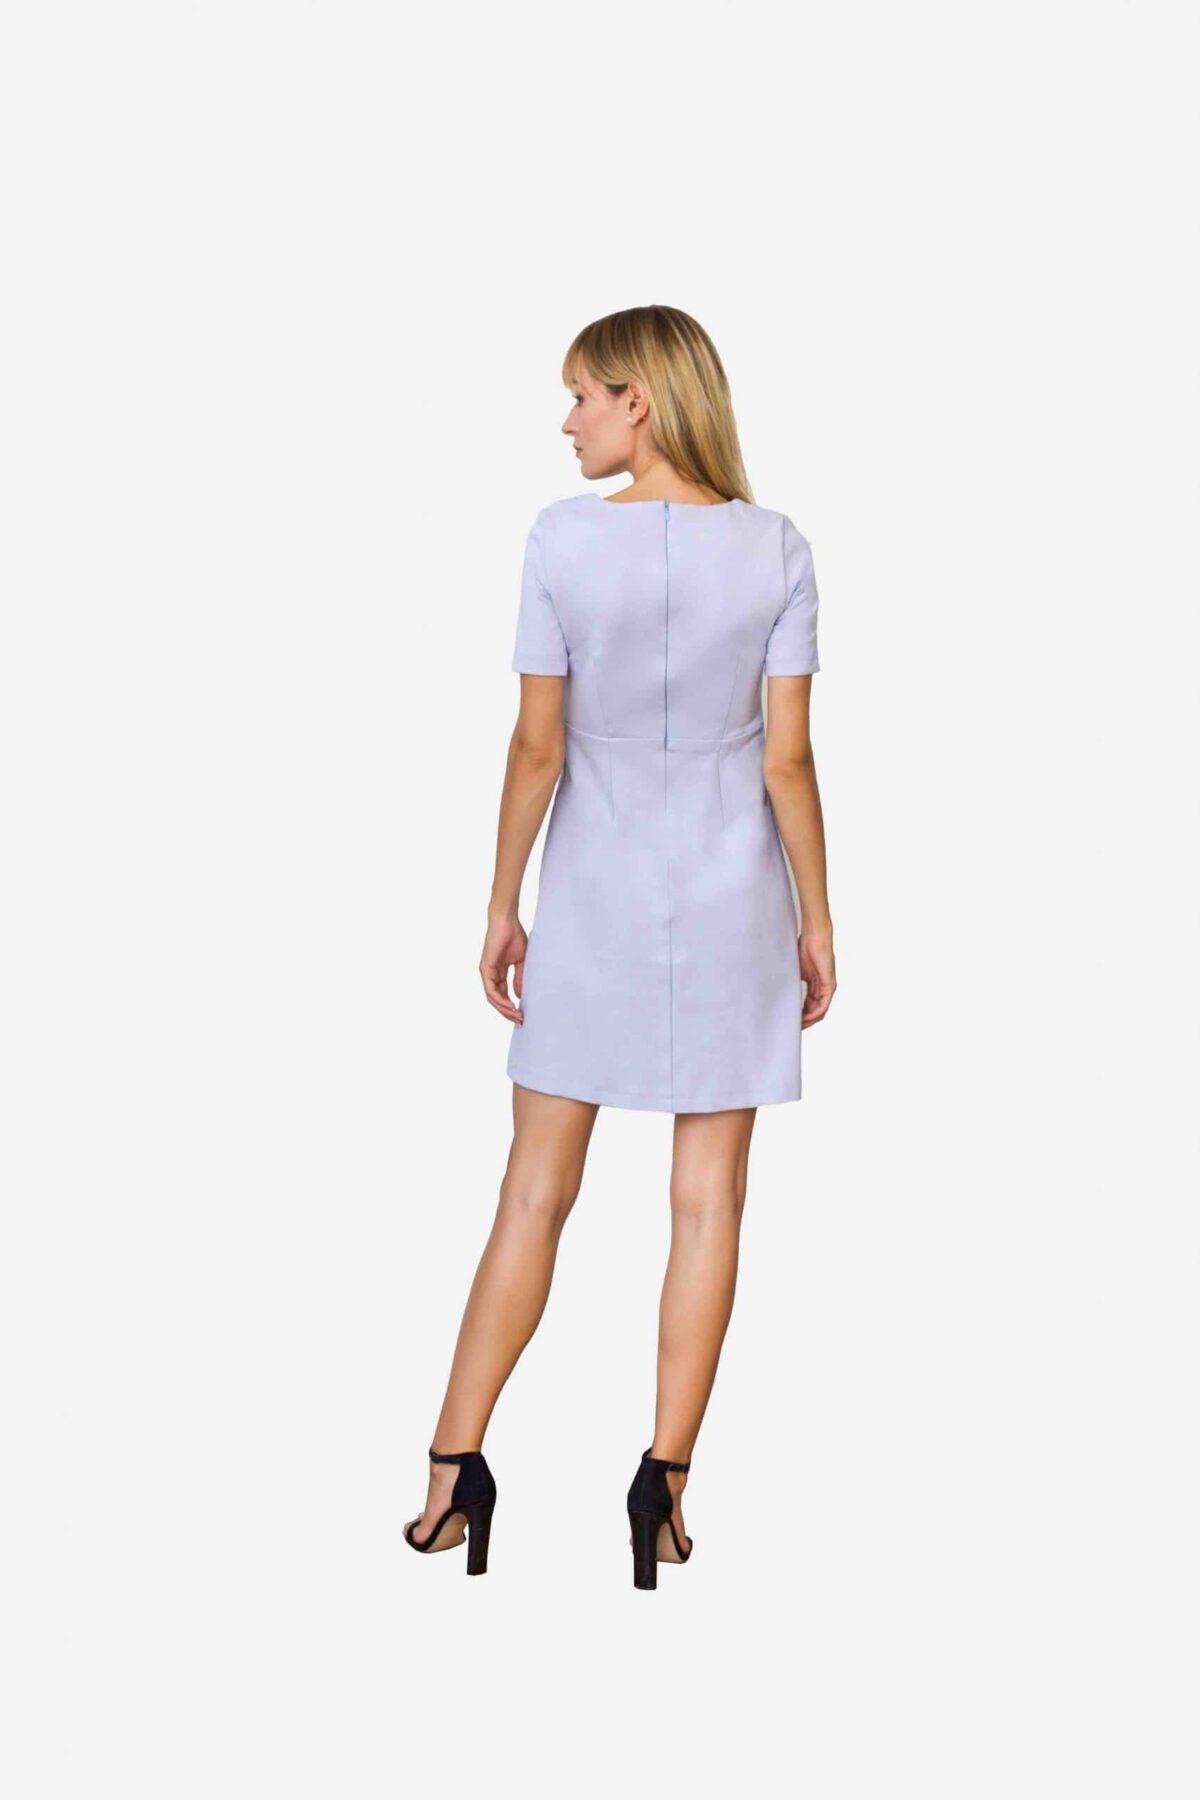 Kleid Audrey von SANOGE. Kurzes Etuikleid mit Abnähern in Flieder lila blau. Aus Premium Jersey. Kurz. Mit Kurzarm. Hergestellt in Deutschland.